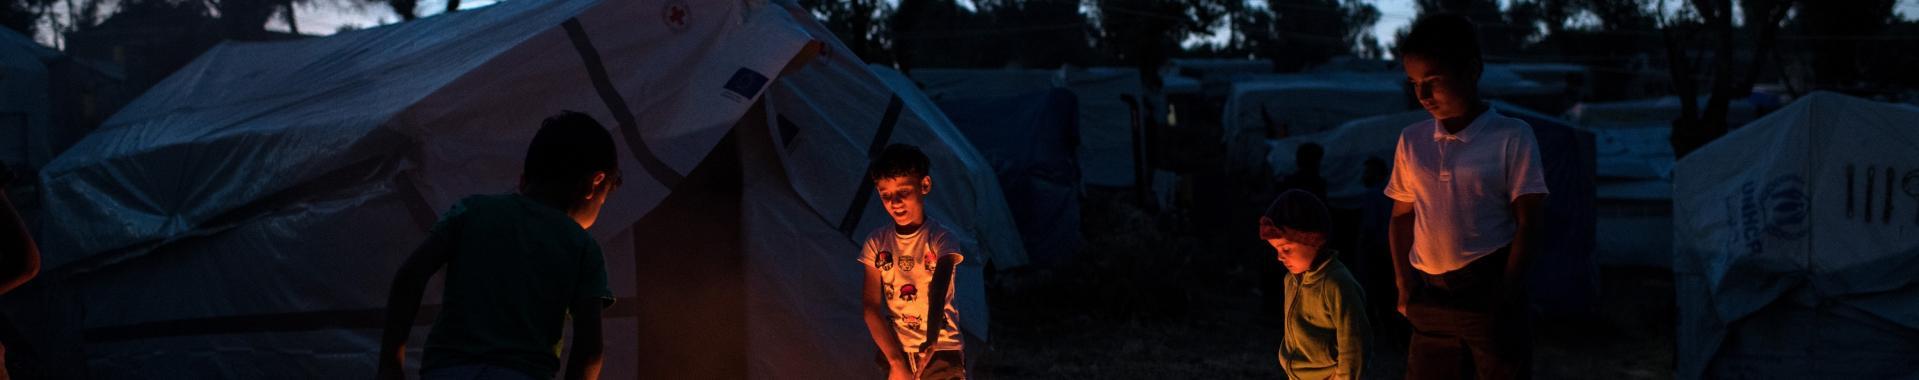 Aumentam as tentativas de suicídio entre crianças refugiadas